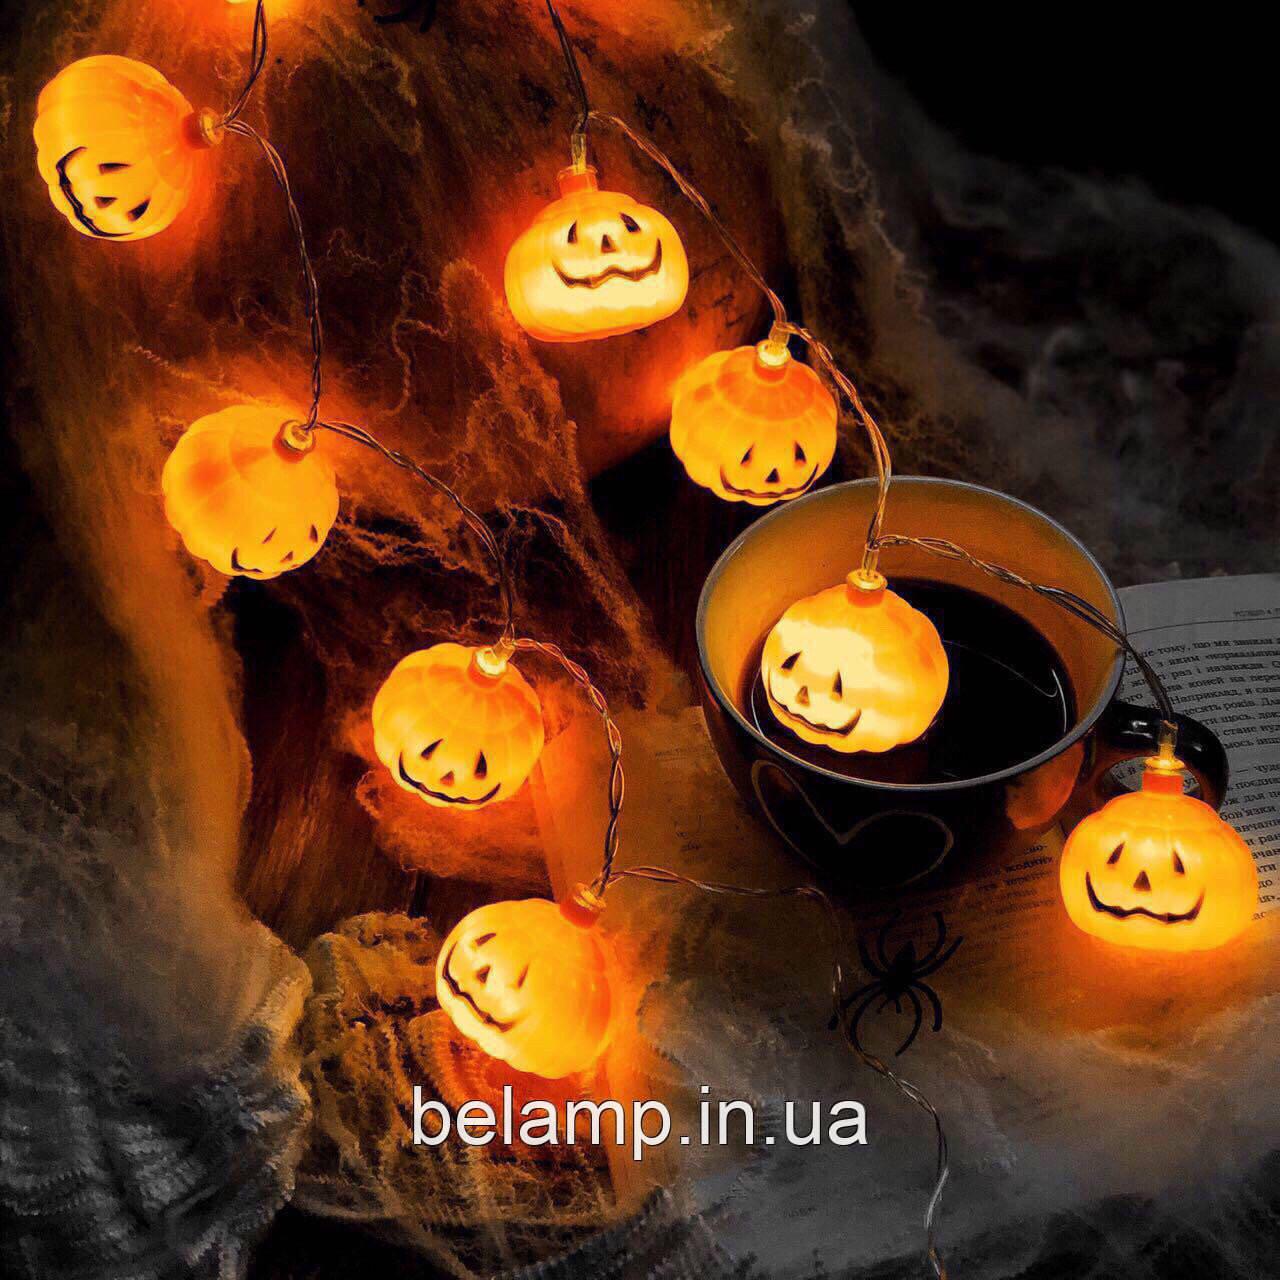 Декор на Хелловін: Гірлянда з гарбузів на батарейках. 1 м -10 гарбузів